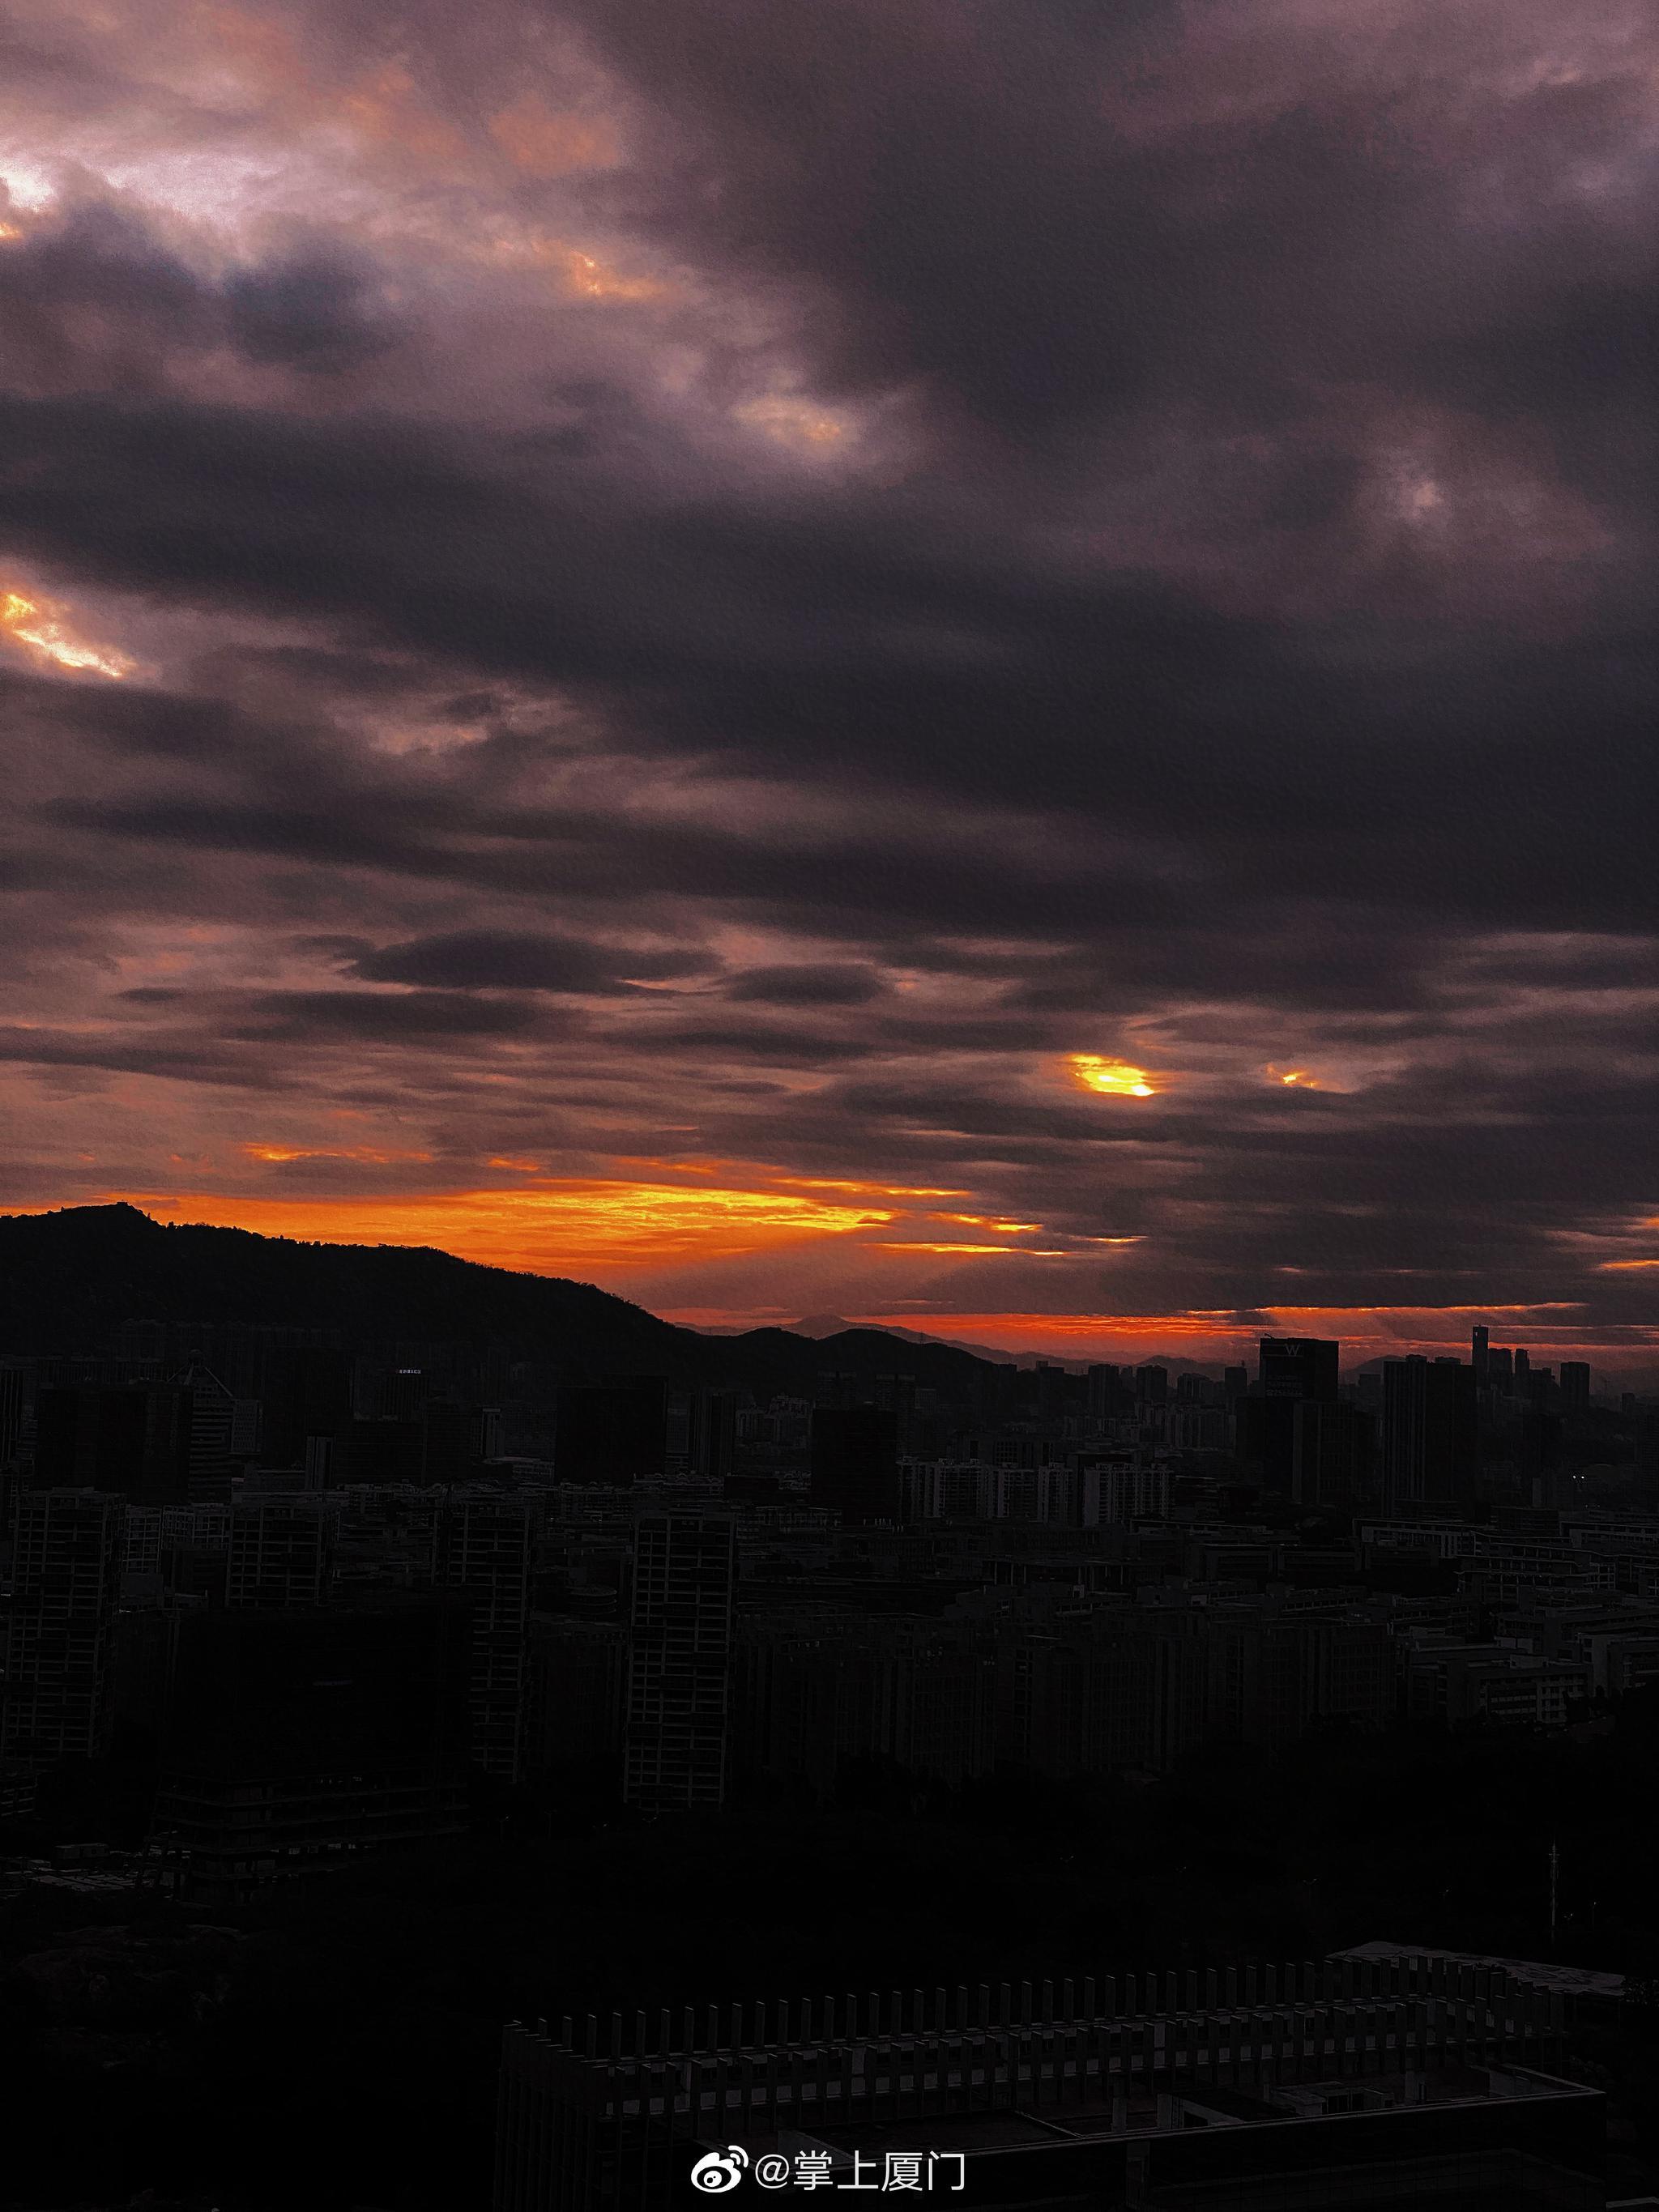 火烧云是太阳给今天留下的一点纪念